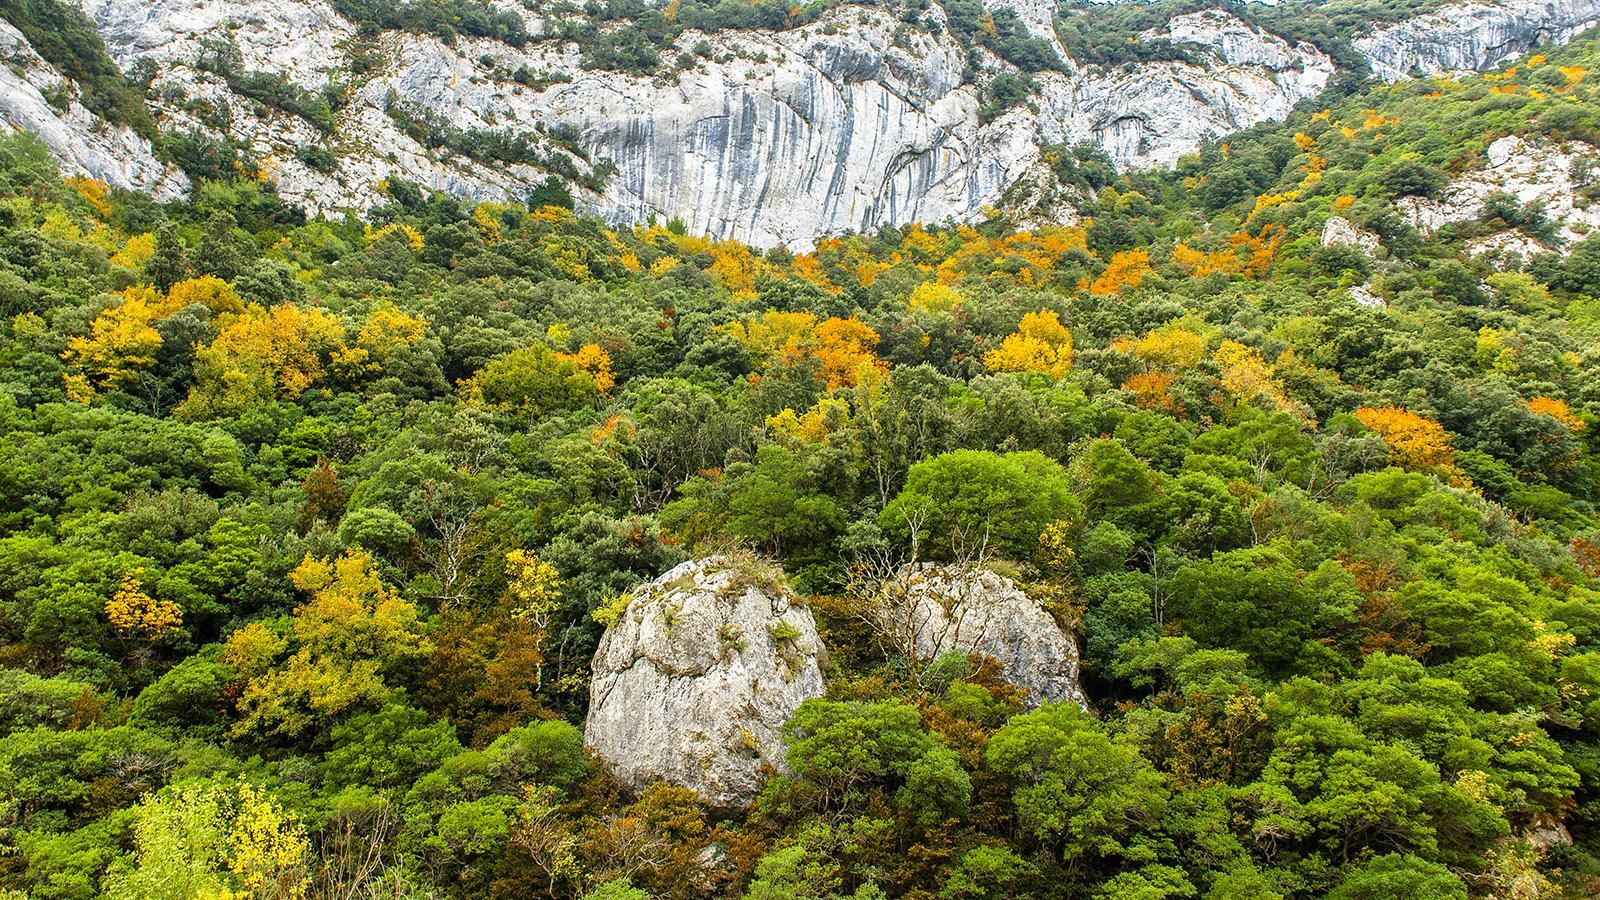 Nicht nur im Sommer, auch im Herbst zur Laubfärbung sind die Gorges de Galamus wunderschön! Foto: Hilke Maunder